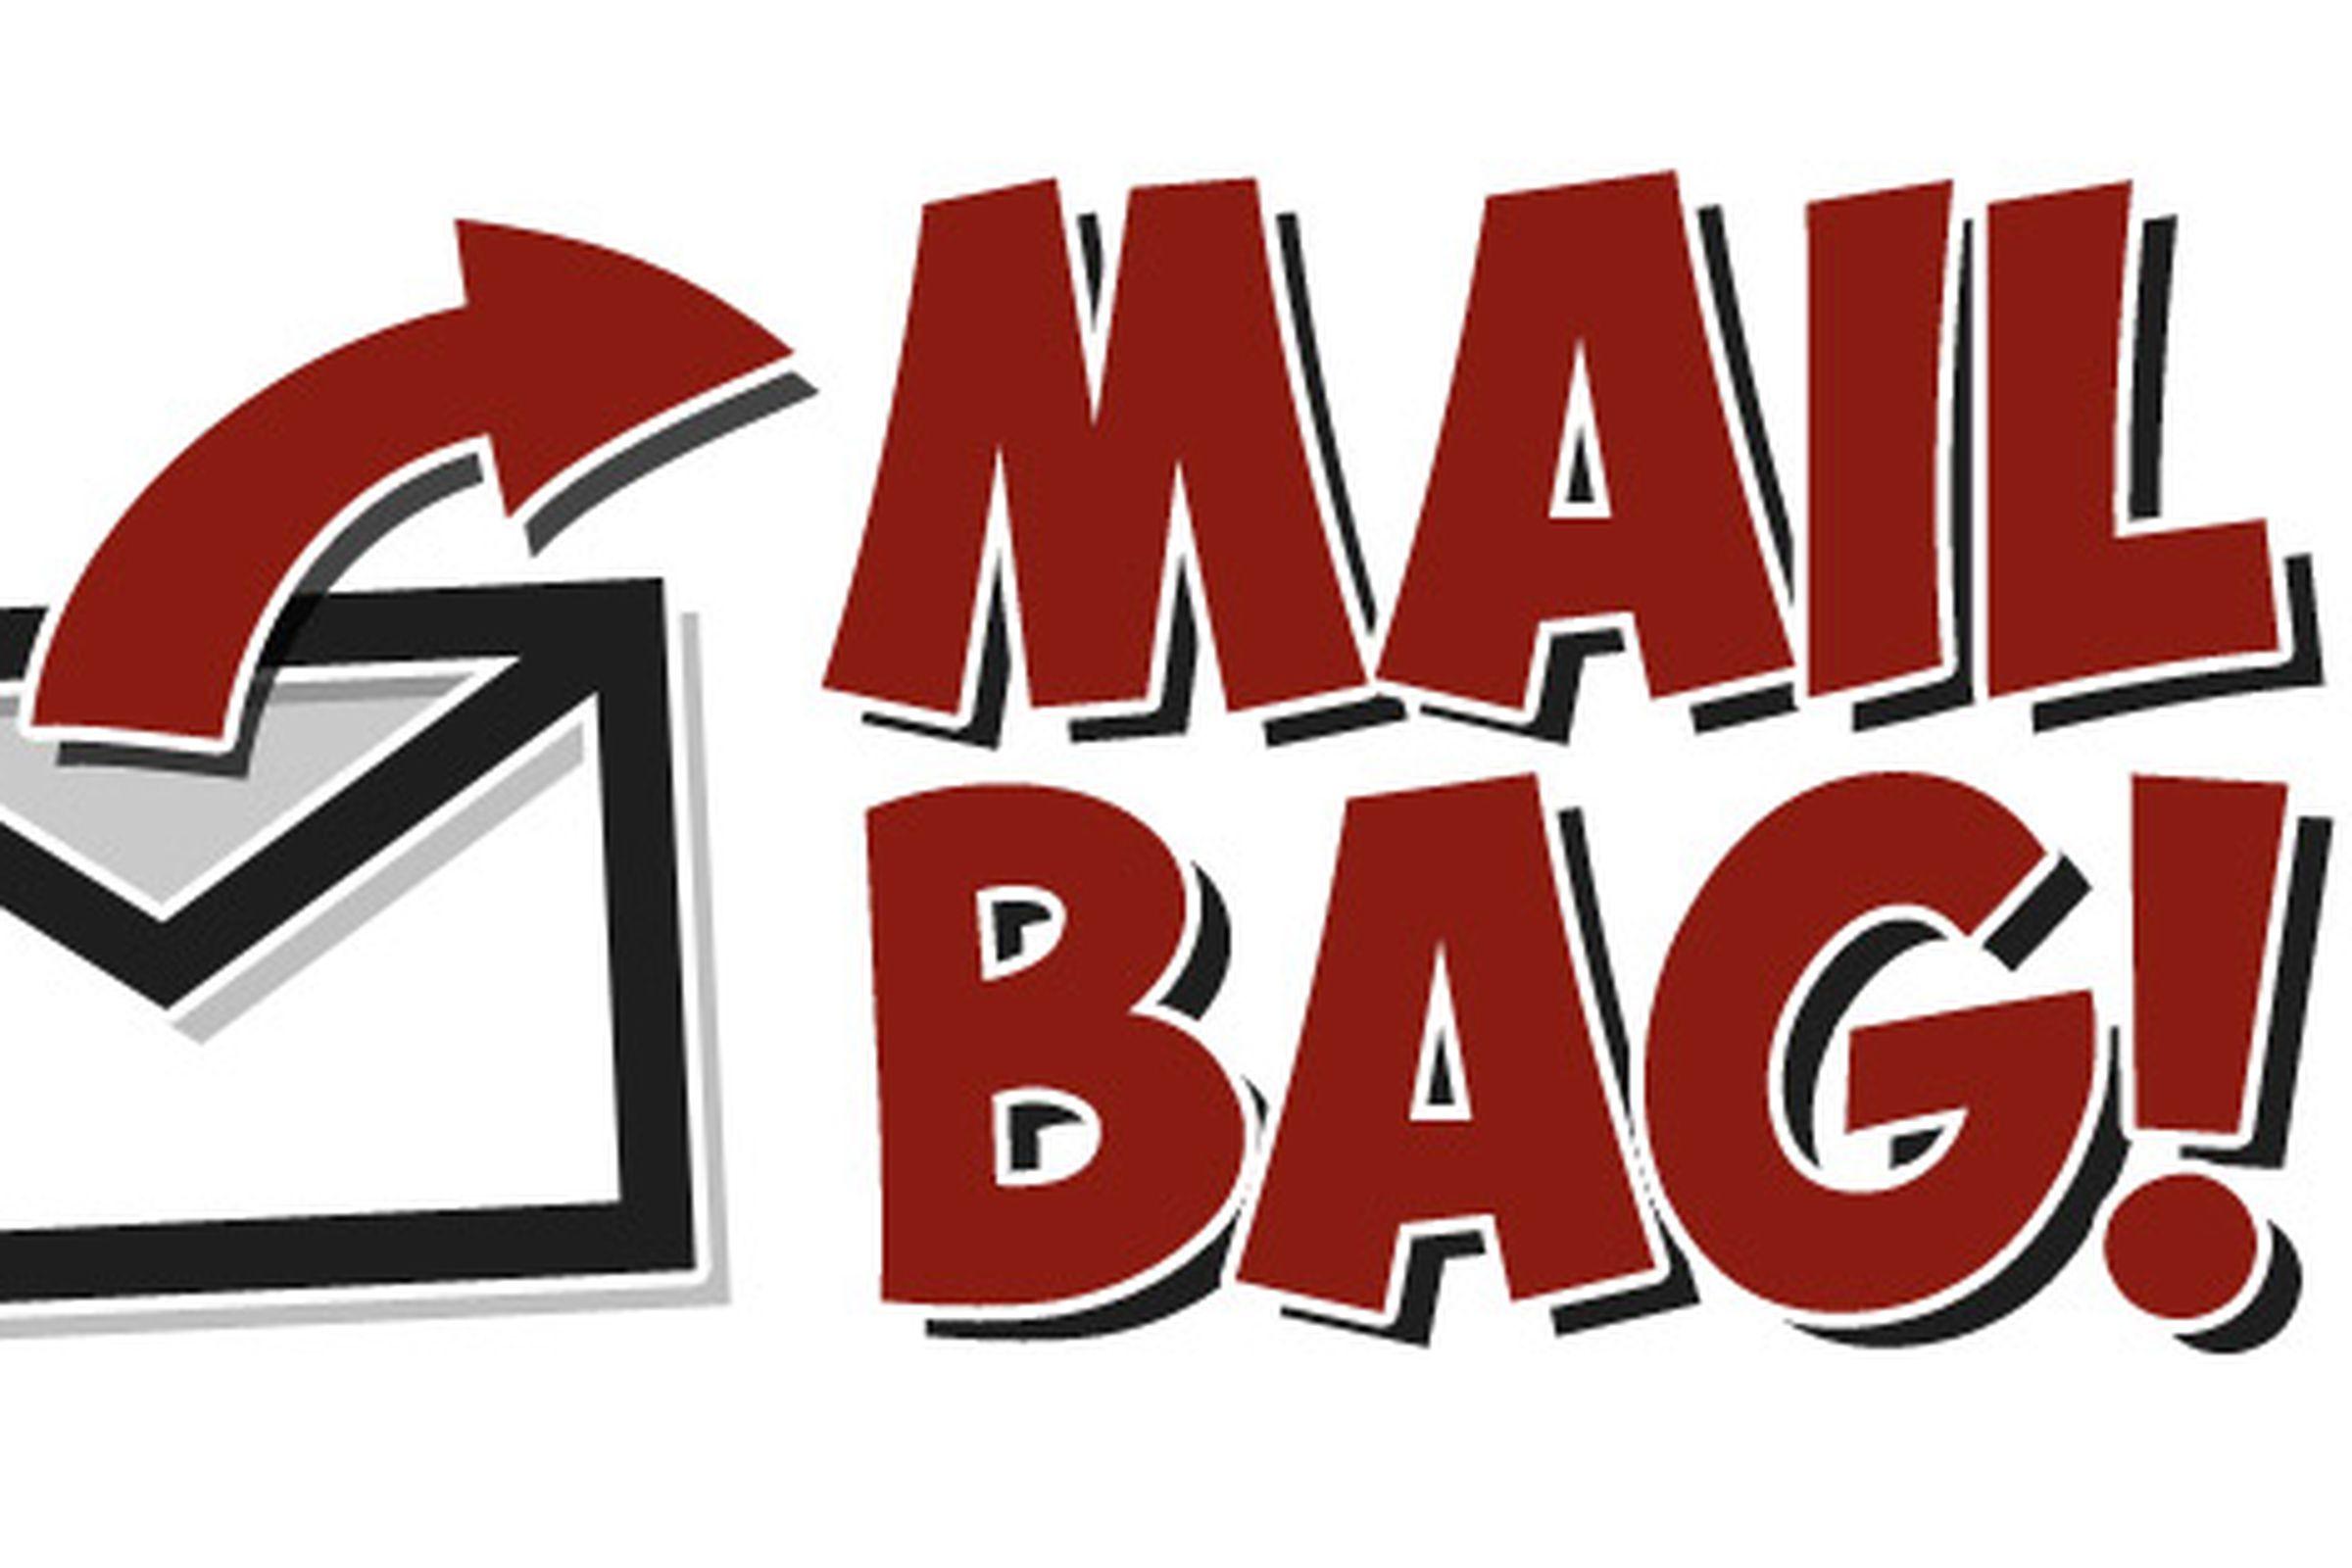 mailbag.0.0.jpg (2400×1600)